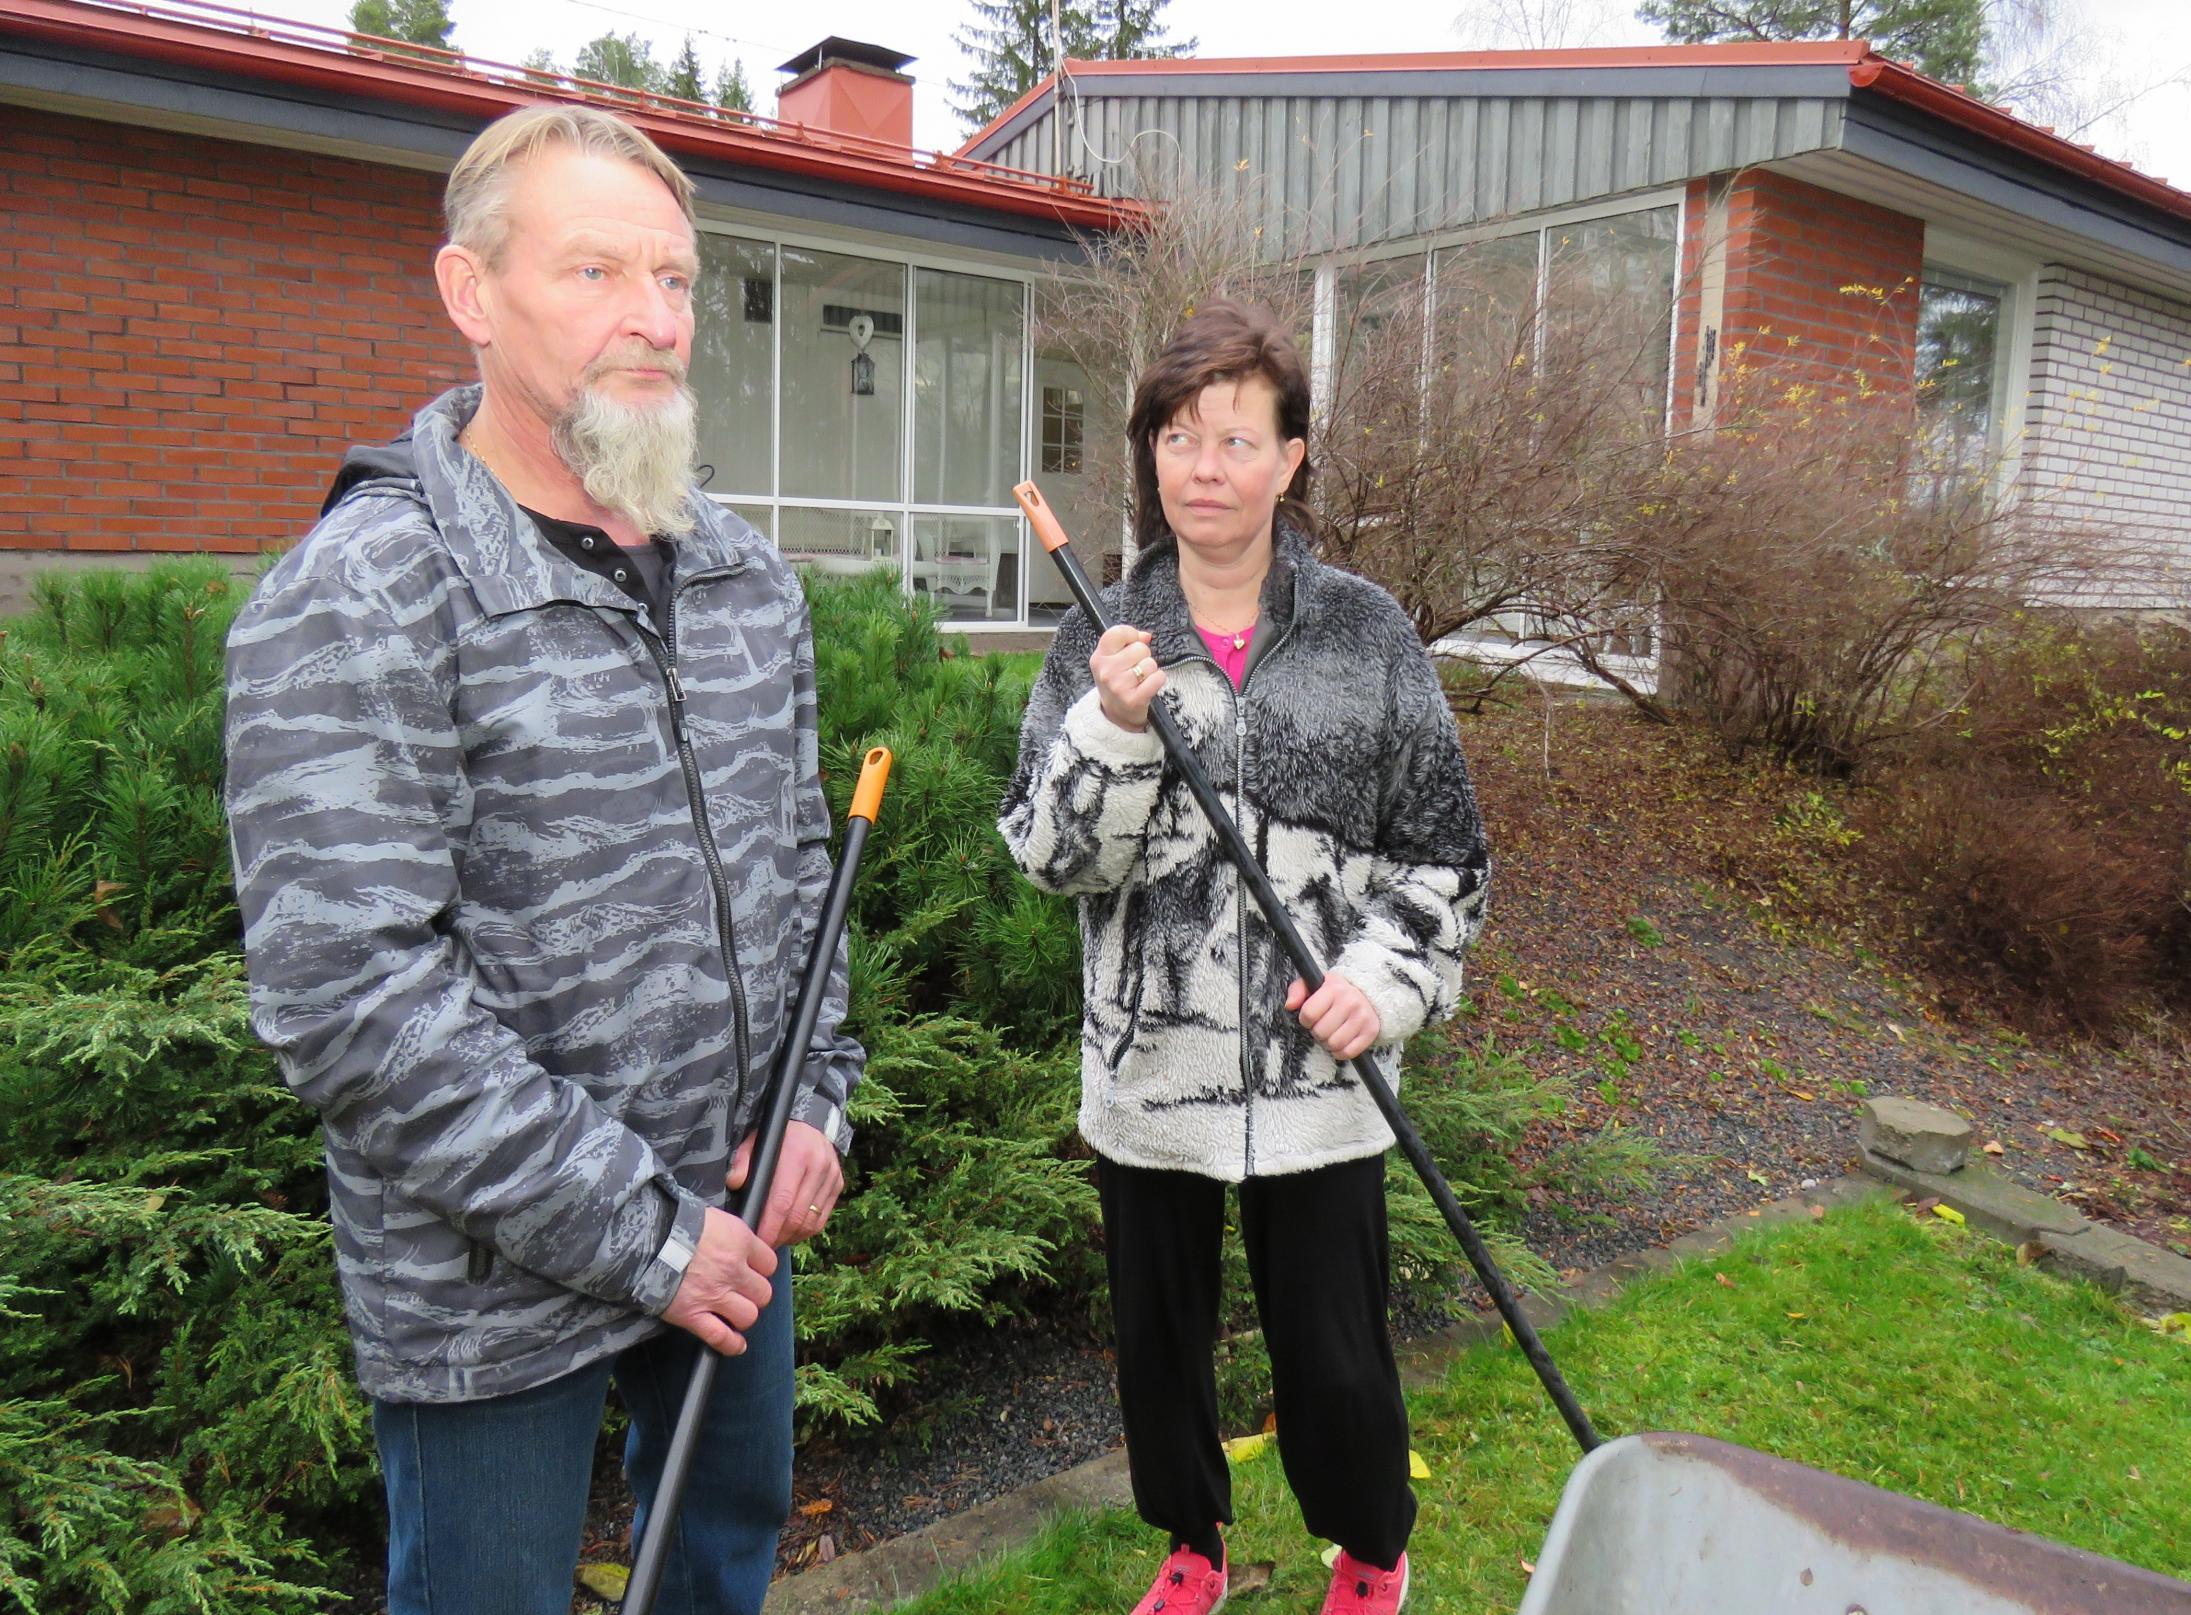 Jari Hartikainen ja Elina Huusko ovat tyhjän edessä. Hakeako kaupungin puistotoimelle kesätyöntekijäksi tai puhelinmyyjäksi sukkia myymään, kun paperiammattilaisille ei töitä enää paikkakunnalta löydy. – Onneksi on talovelka maksettu, he sanovat.